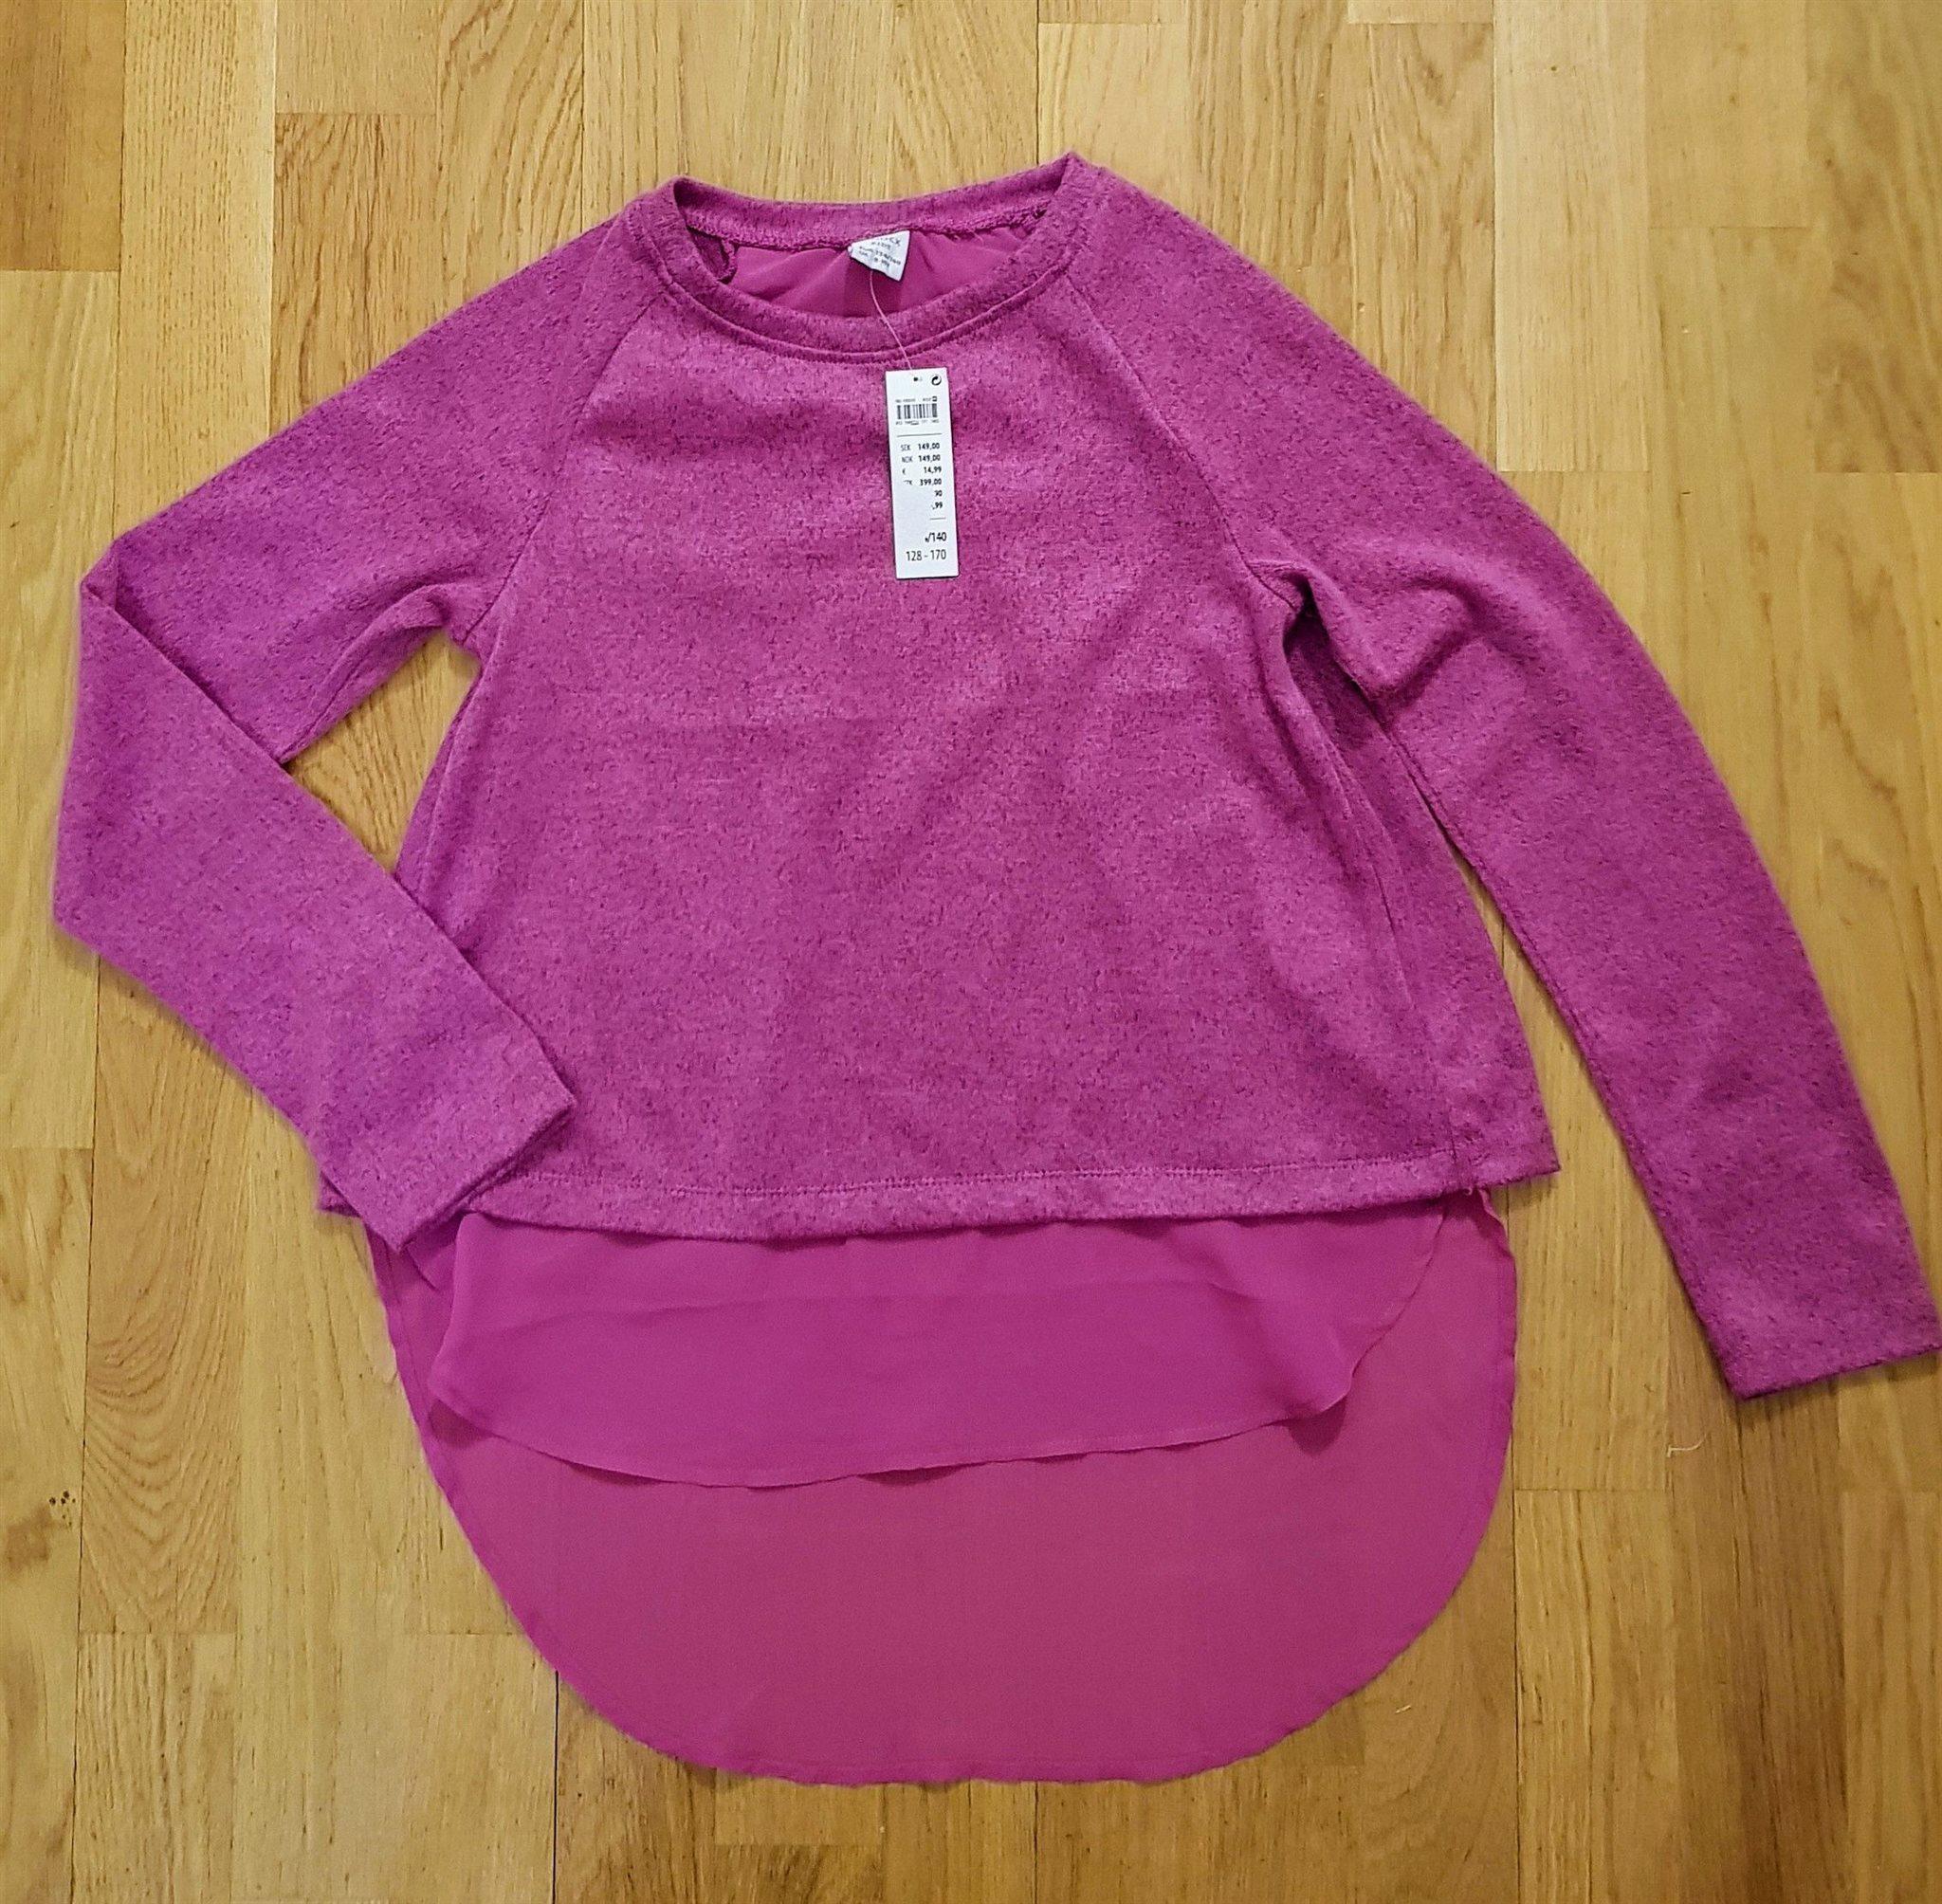 Ny långärmad tröja, storlek 134140 (337241842) ᐈ Köp på